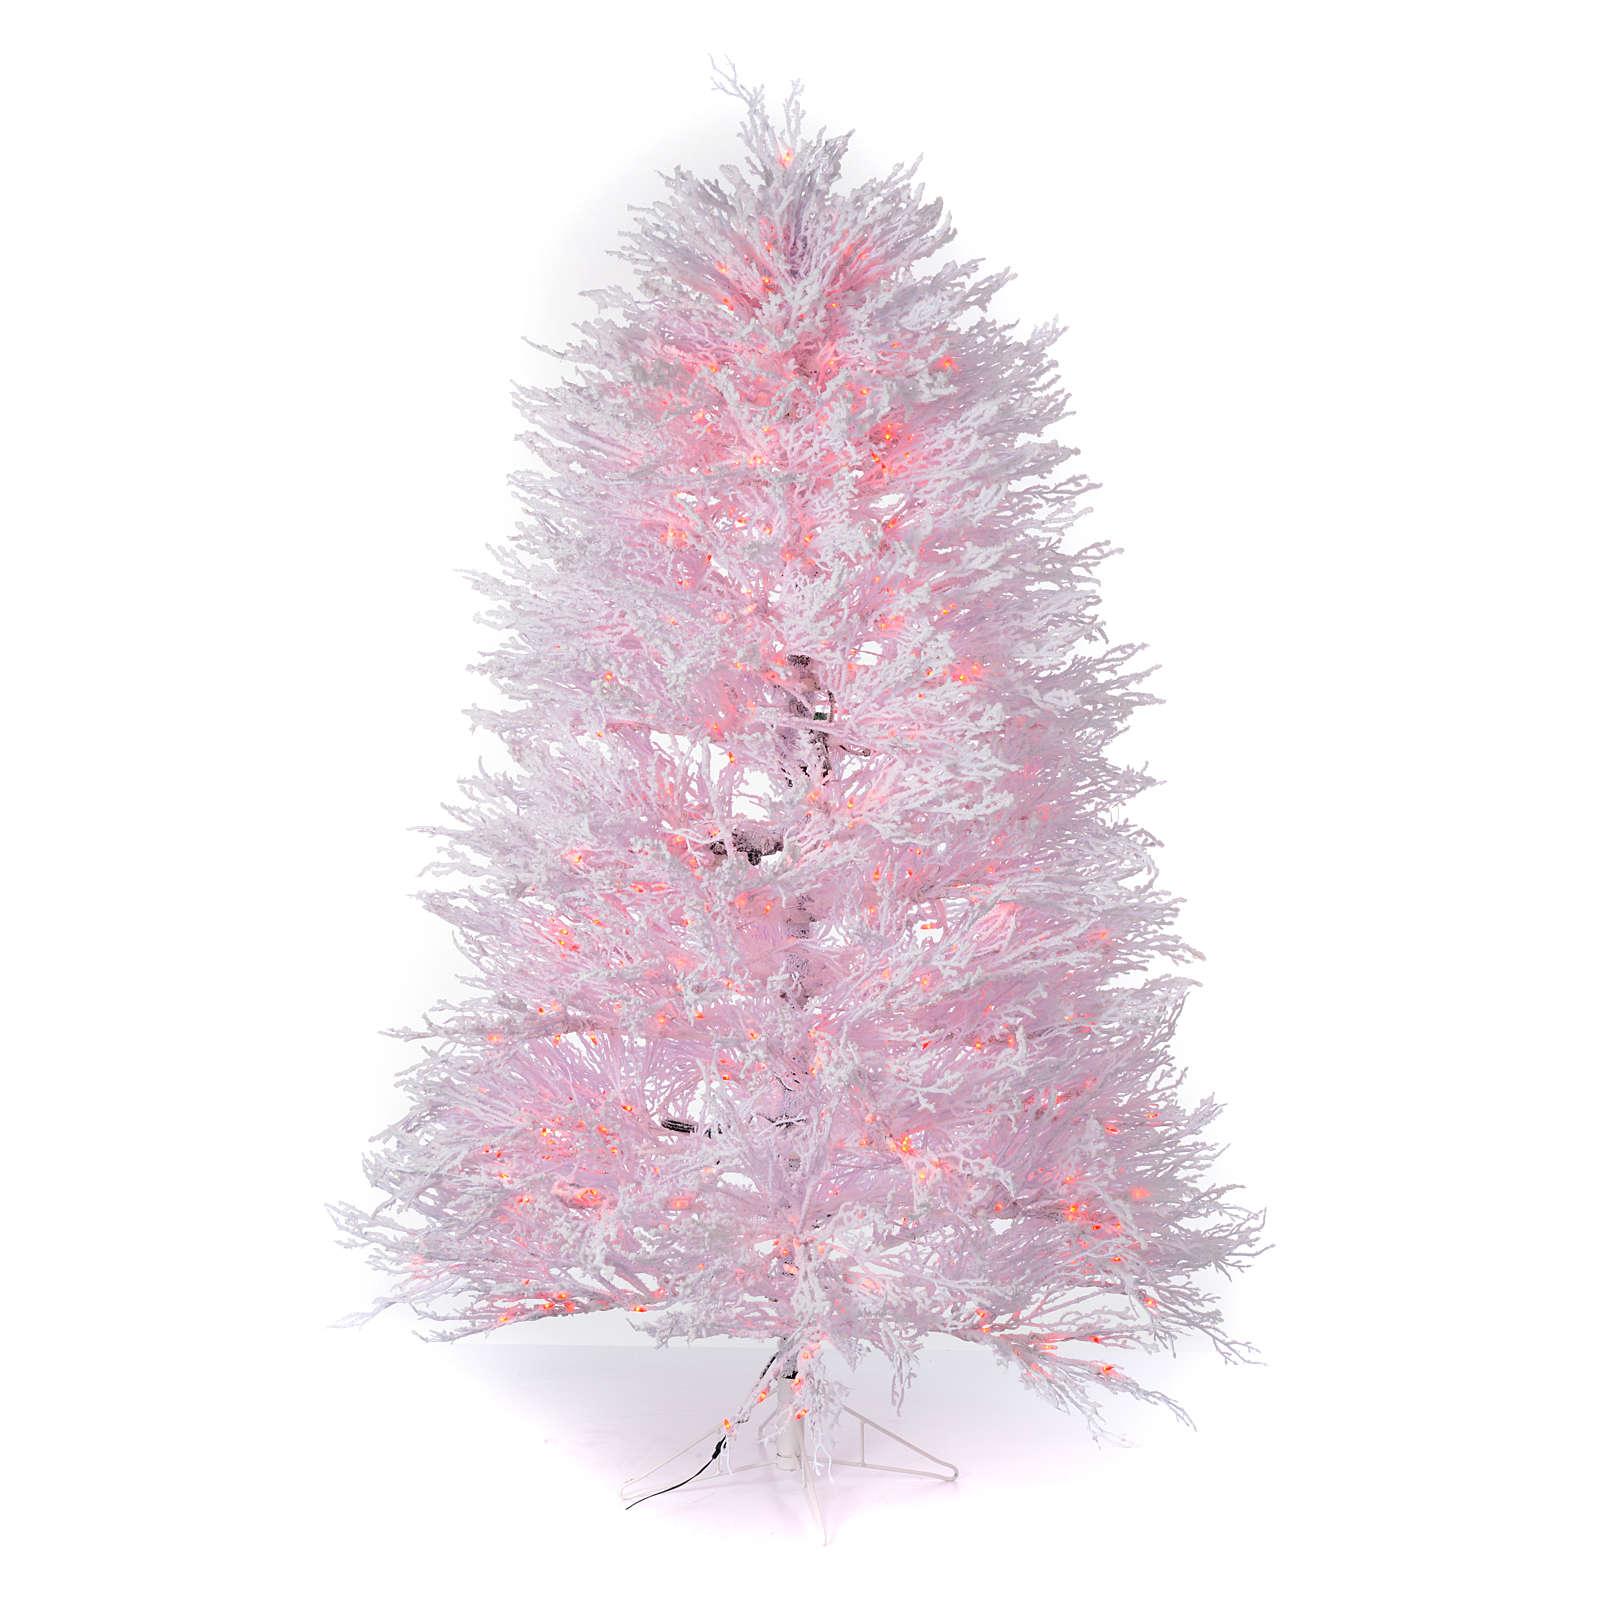 Foto Alberi Di Natale Bianchi albero di natale innevato bianco 270 cm cm luci rosse led 700 winter g.